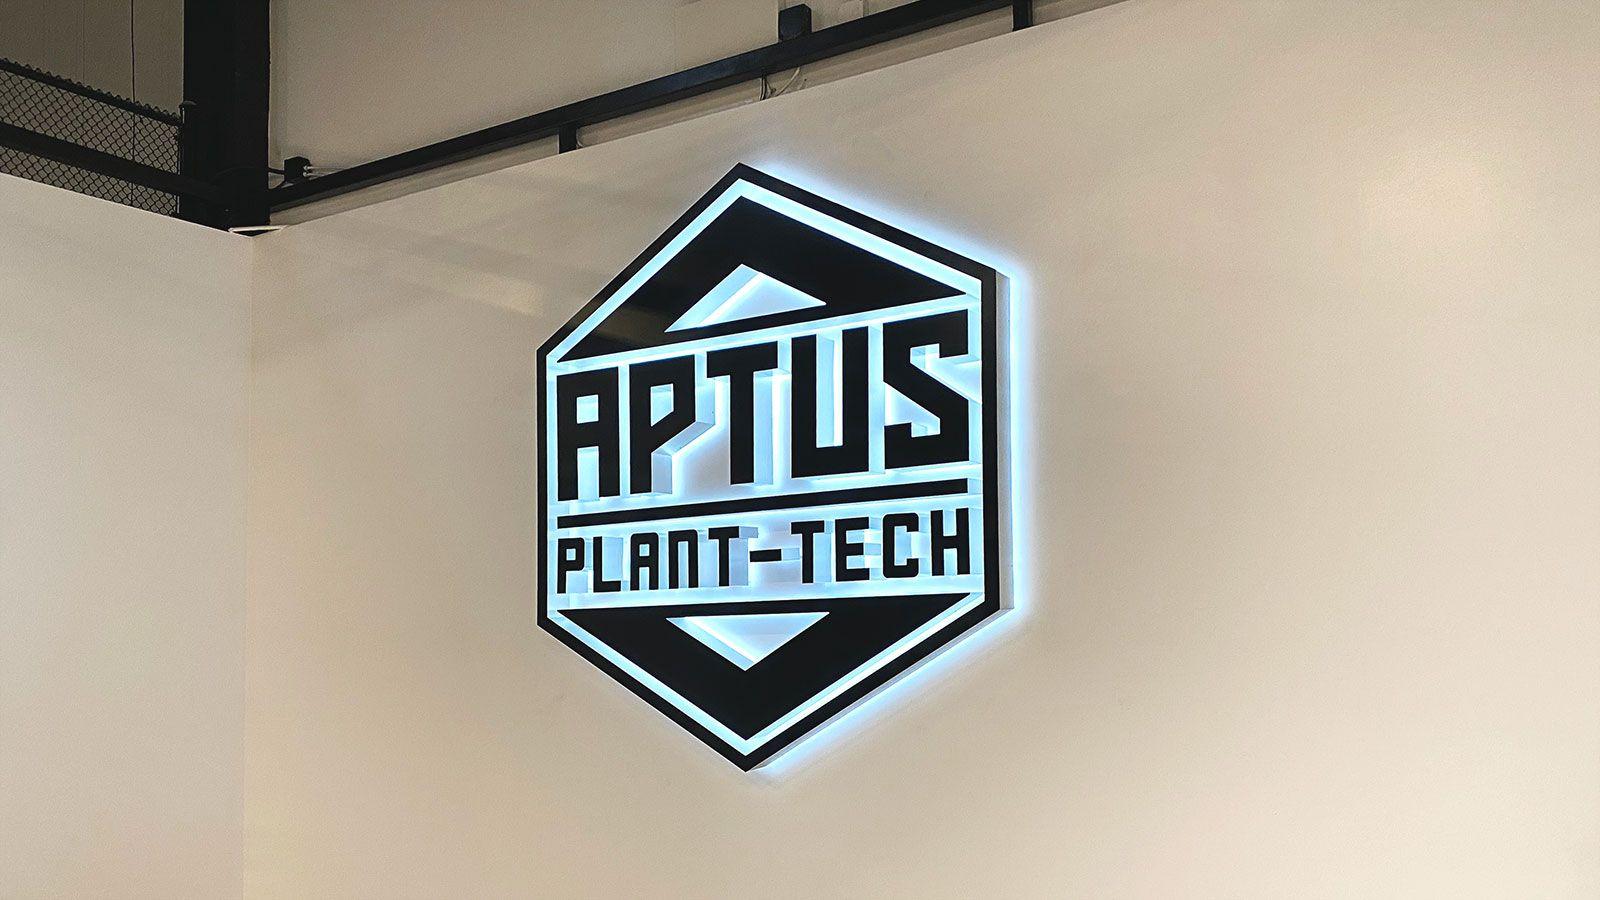 Aptus Plant-tech backlit letters